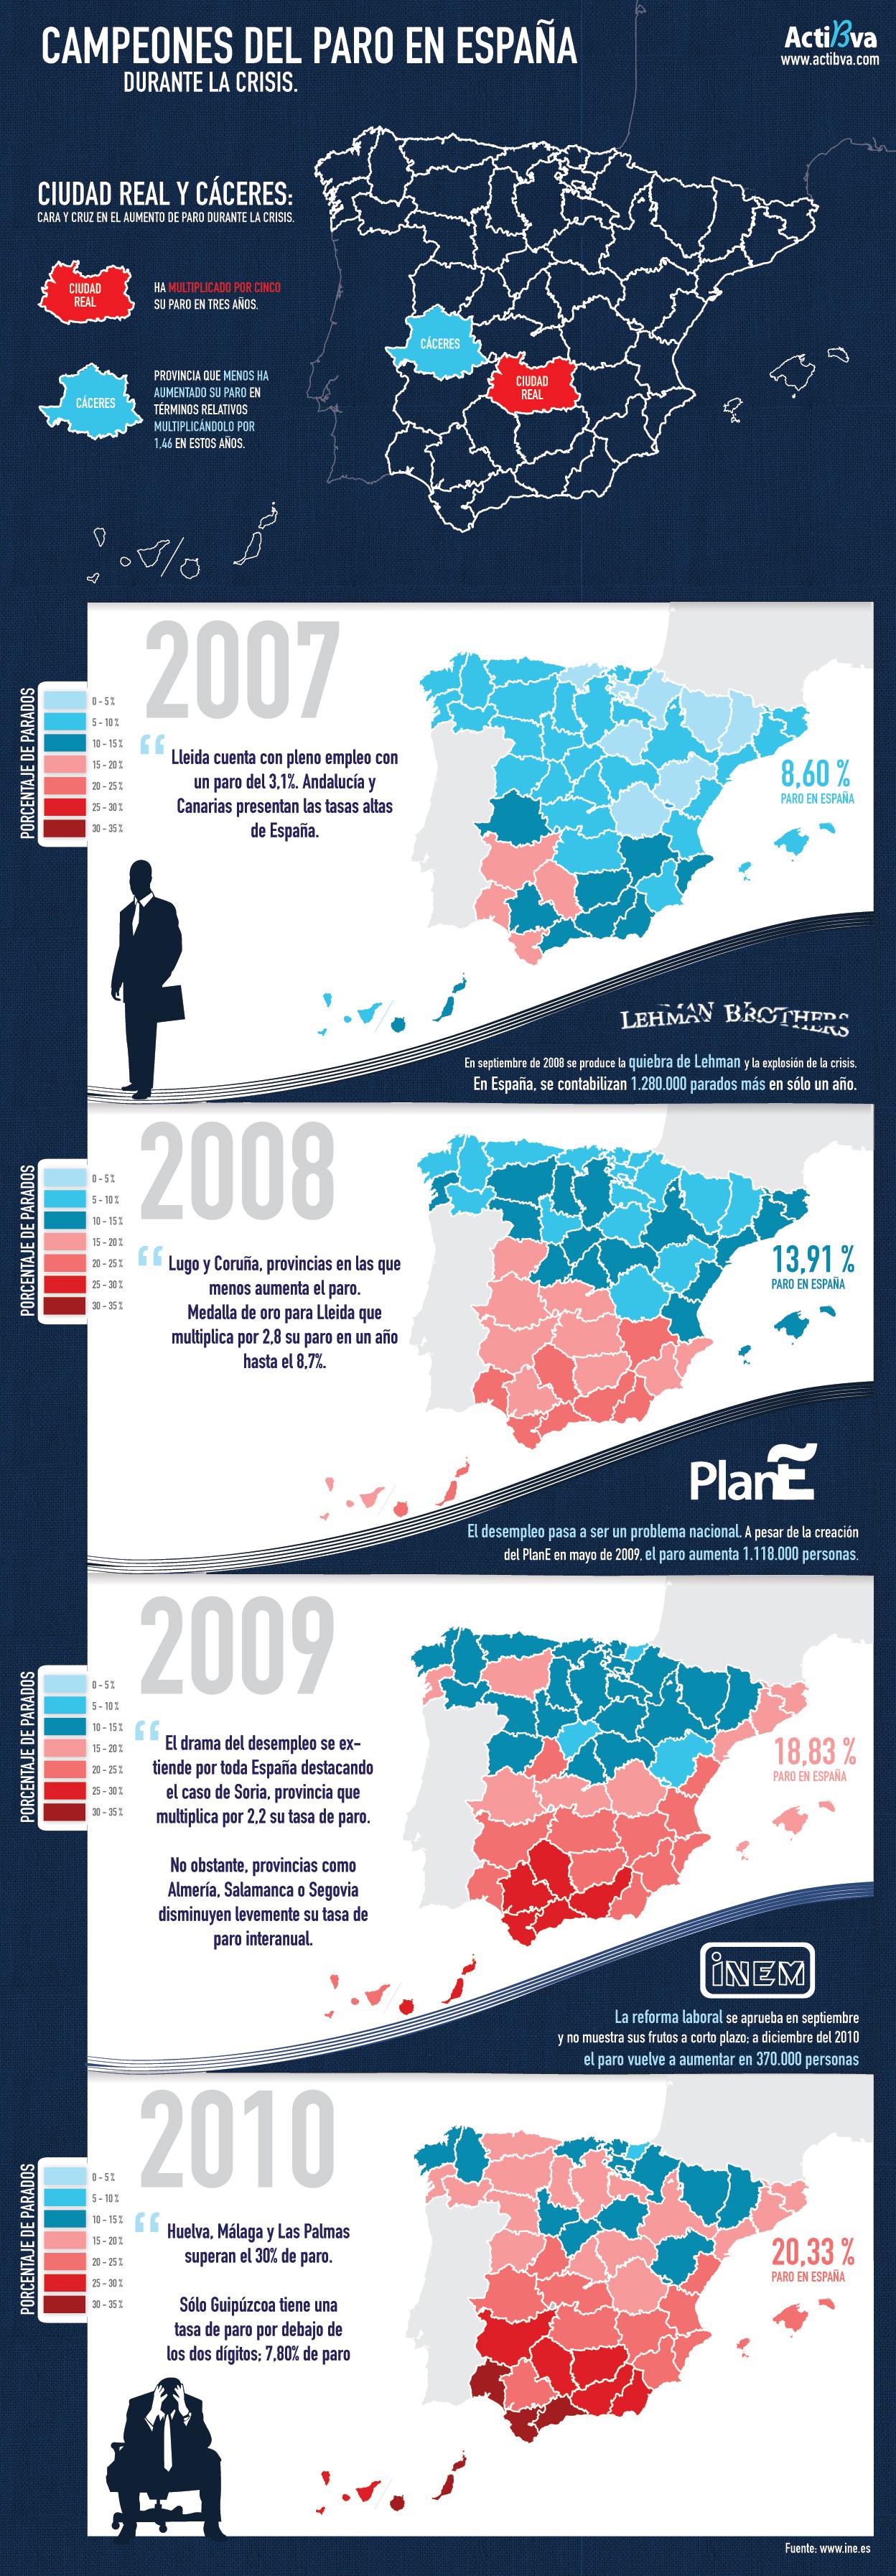 infografia-paro-en-espana.jpg